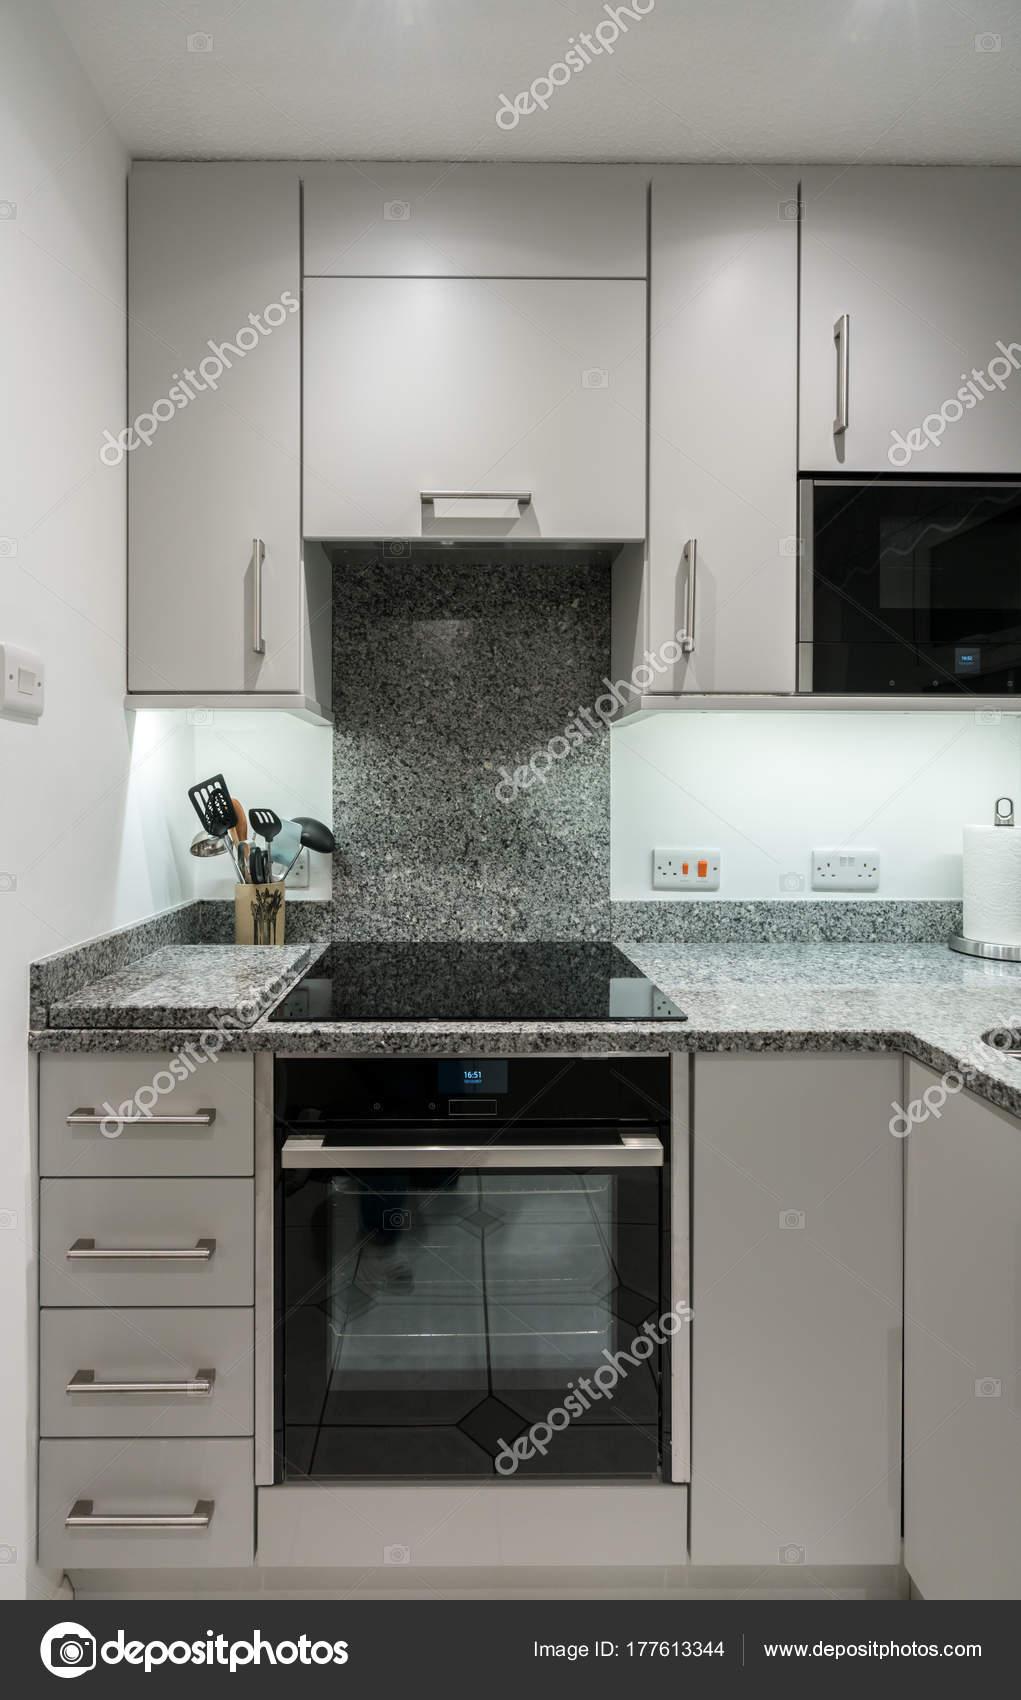 Kleine Moderne Kuche Im Apartment Mit Granit Arbeitsplatte